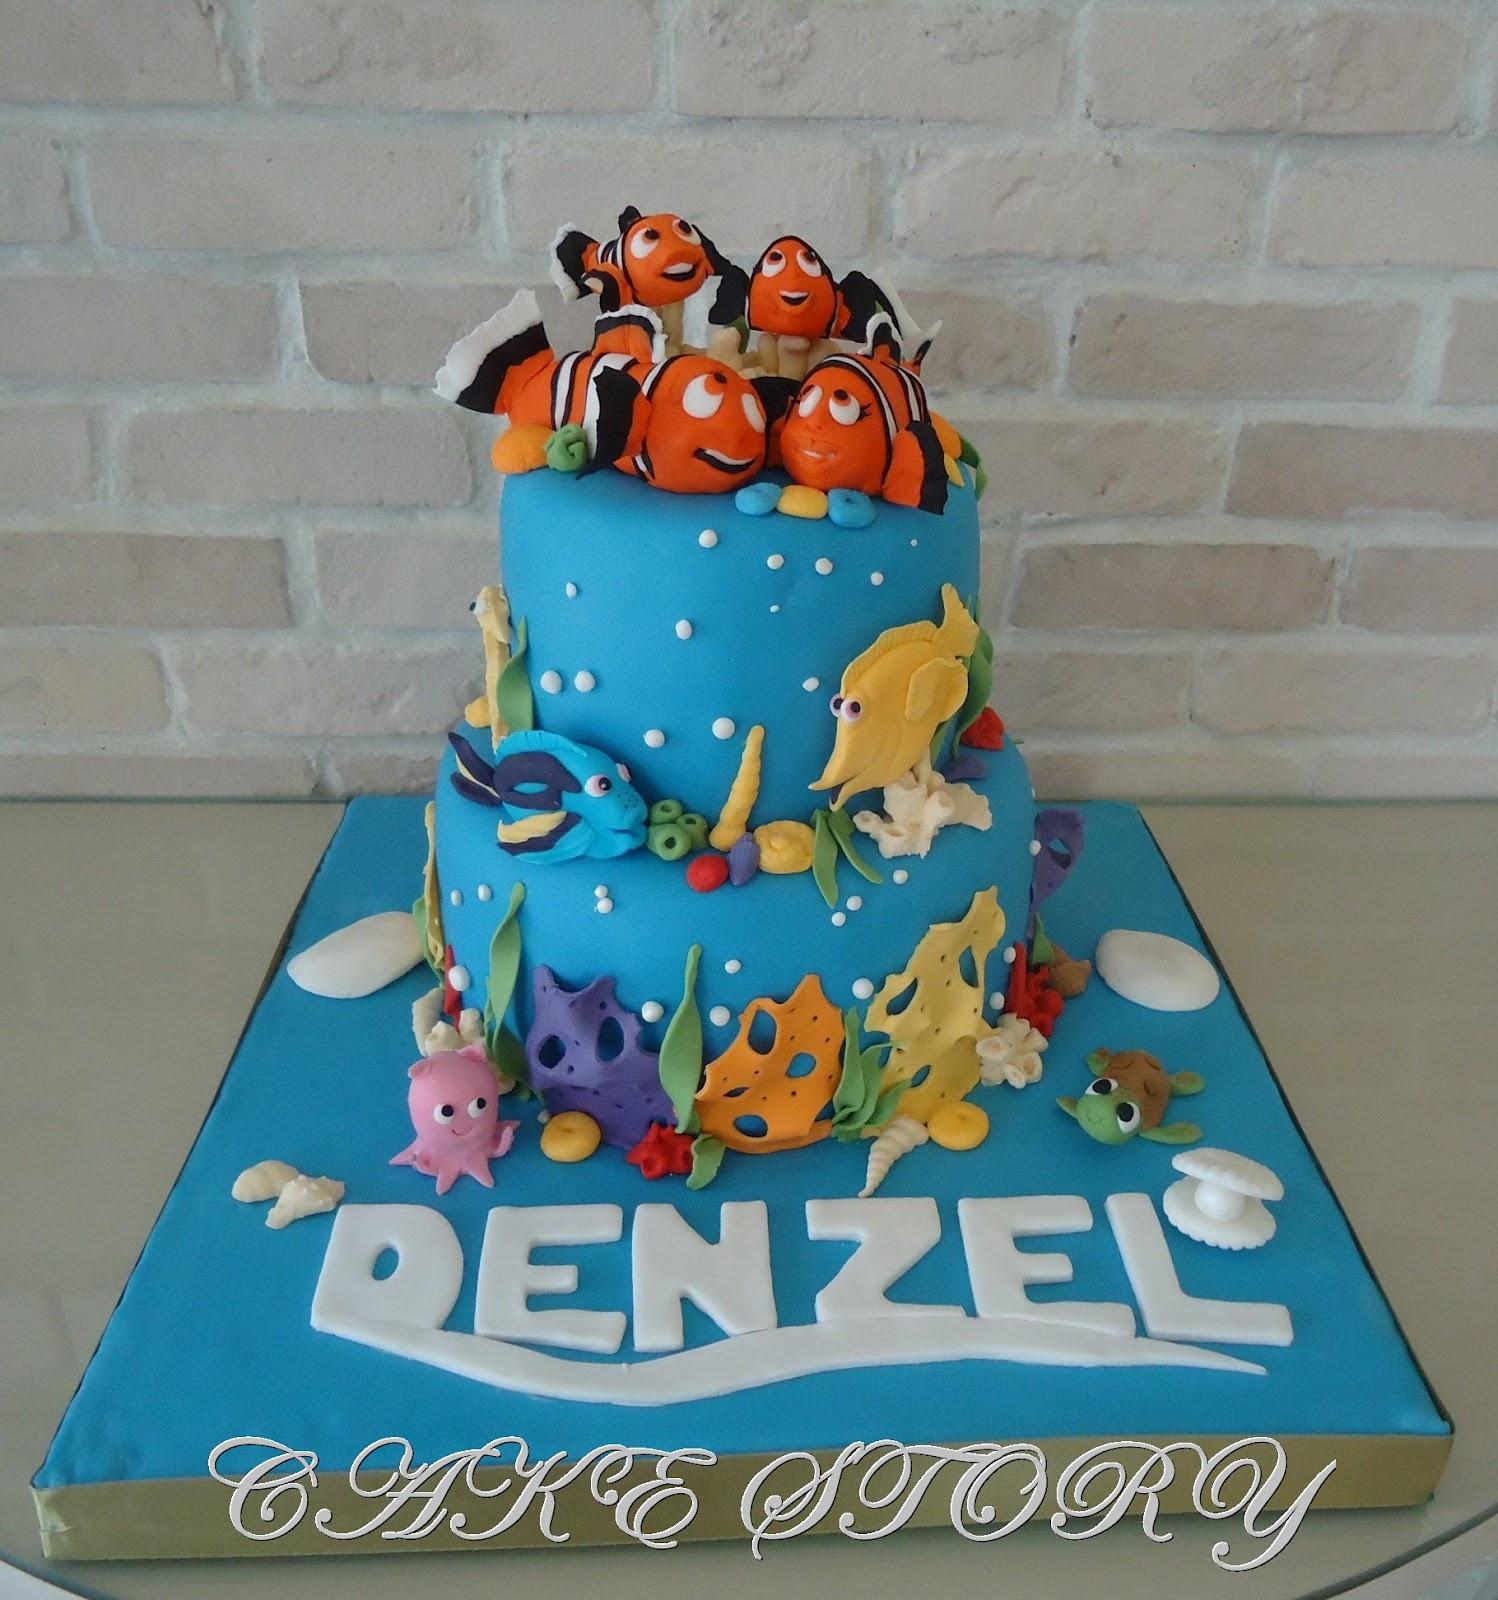 Cake Story FINDING NEMO BIRTHDAY CAKE - Finding nemo birthday cake